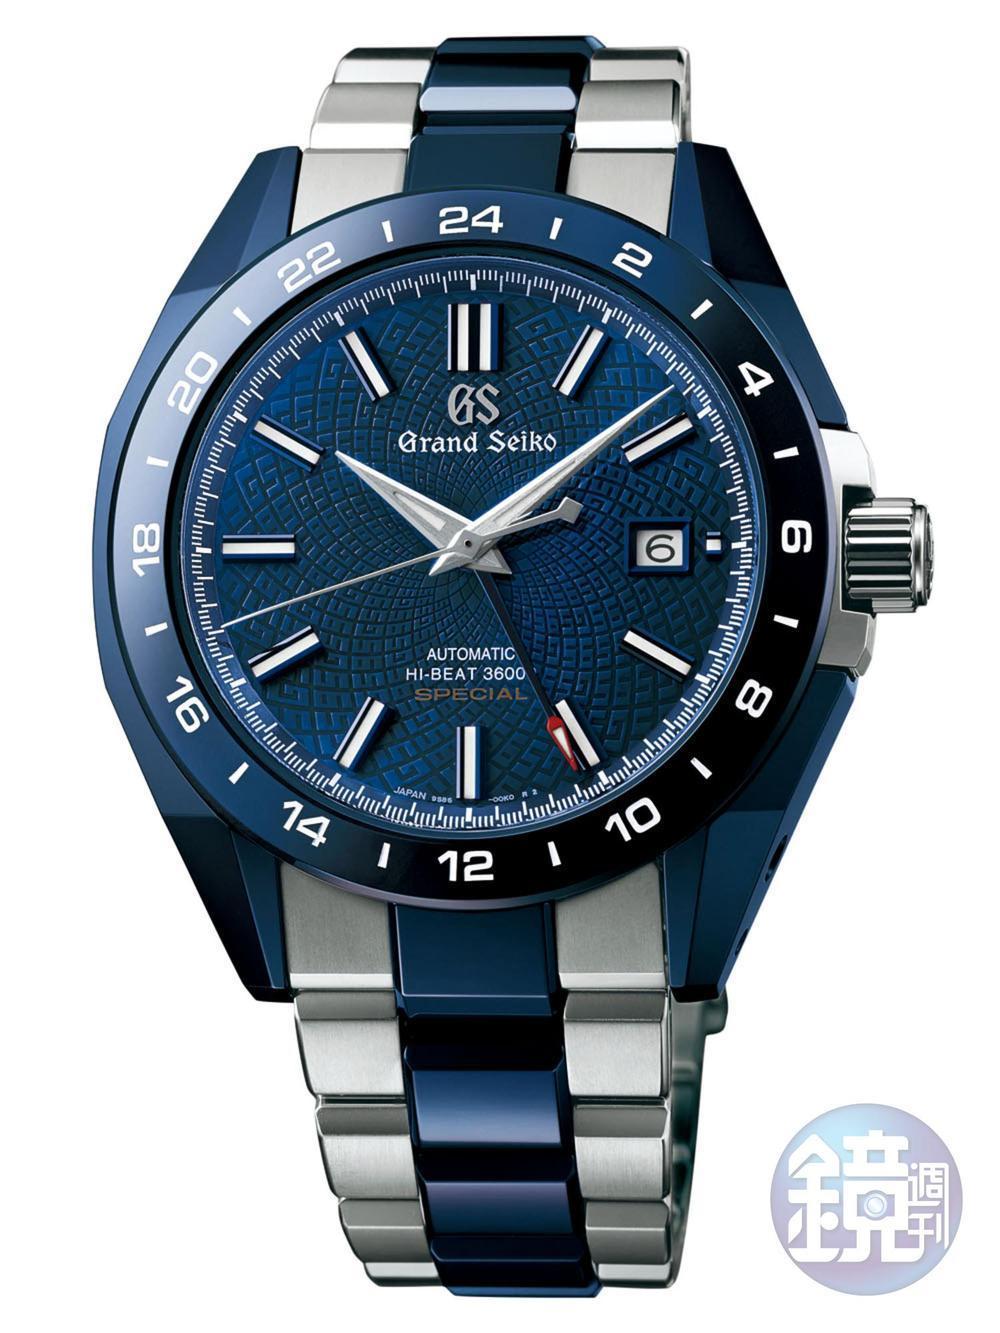 《Hi-Beat 36000 GMT SBGJ229》以全新的藍色氧化鋯陶瓷製成,其硬度是不鏽鋼的7倍,具高抗刮痕特性,可防止當腕錶遭受衝撞時變形。功能:時間顯示;兩地時間/機芯:自動上鍊機芯/建議售價:約NT$550,000(限量350只)